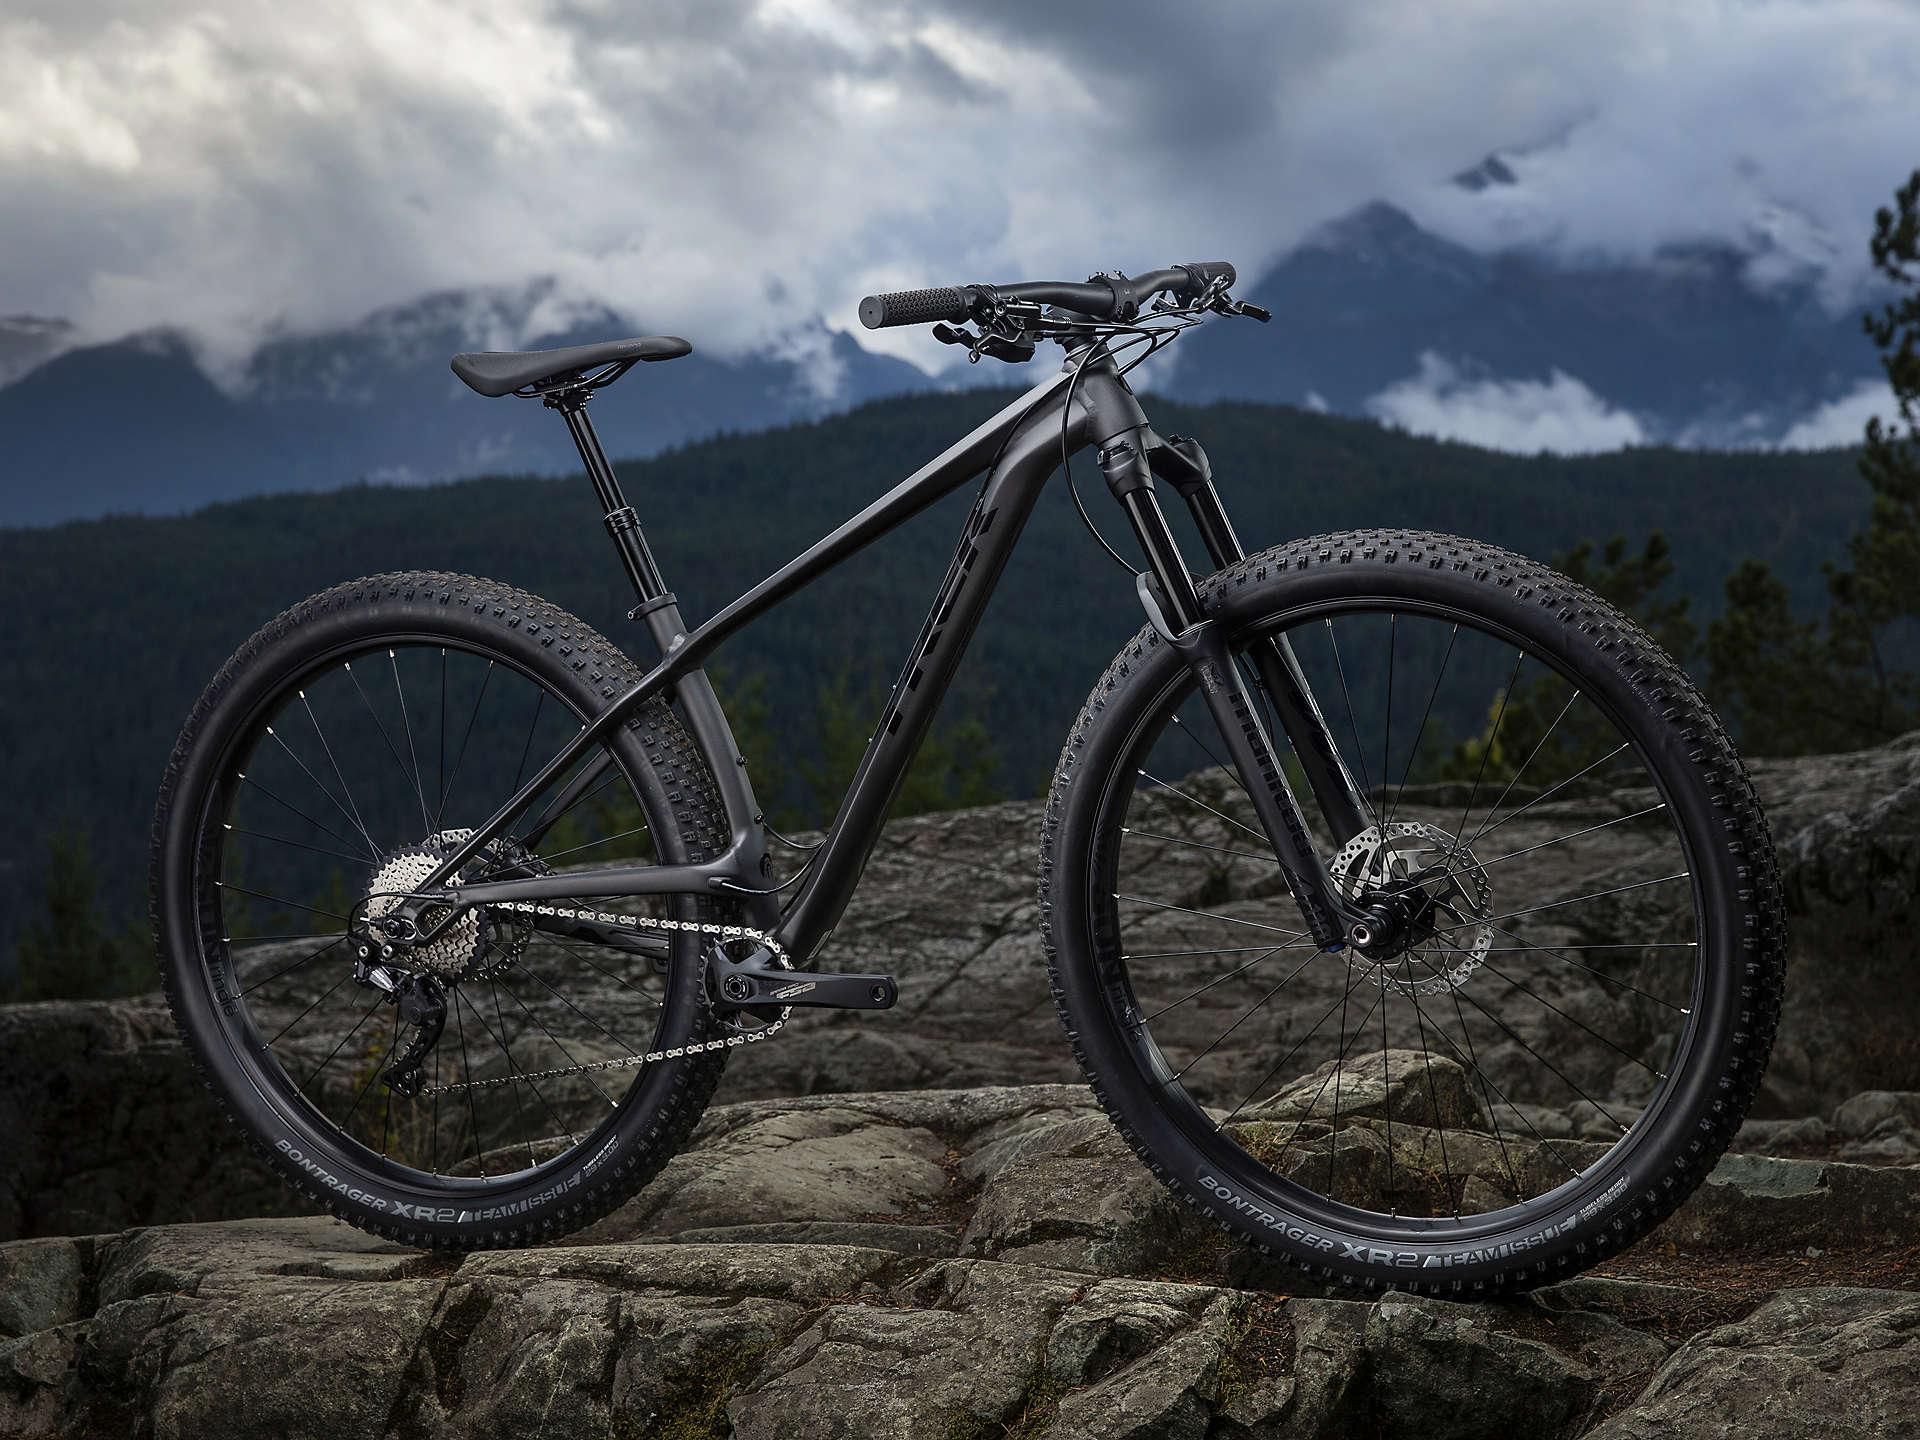 new trek bikes - HD1440×1080